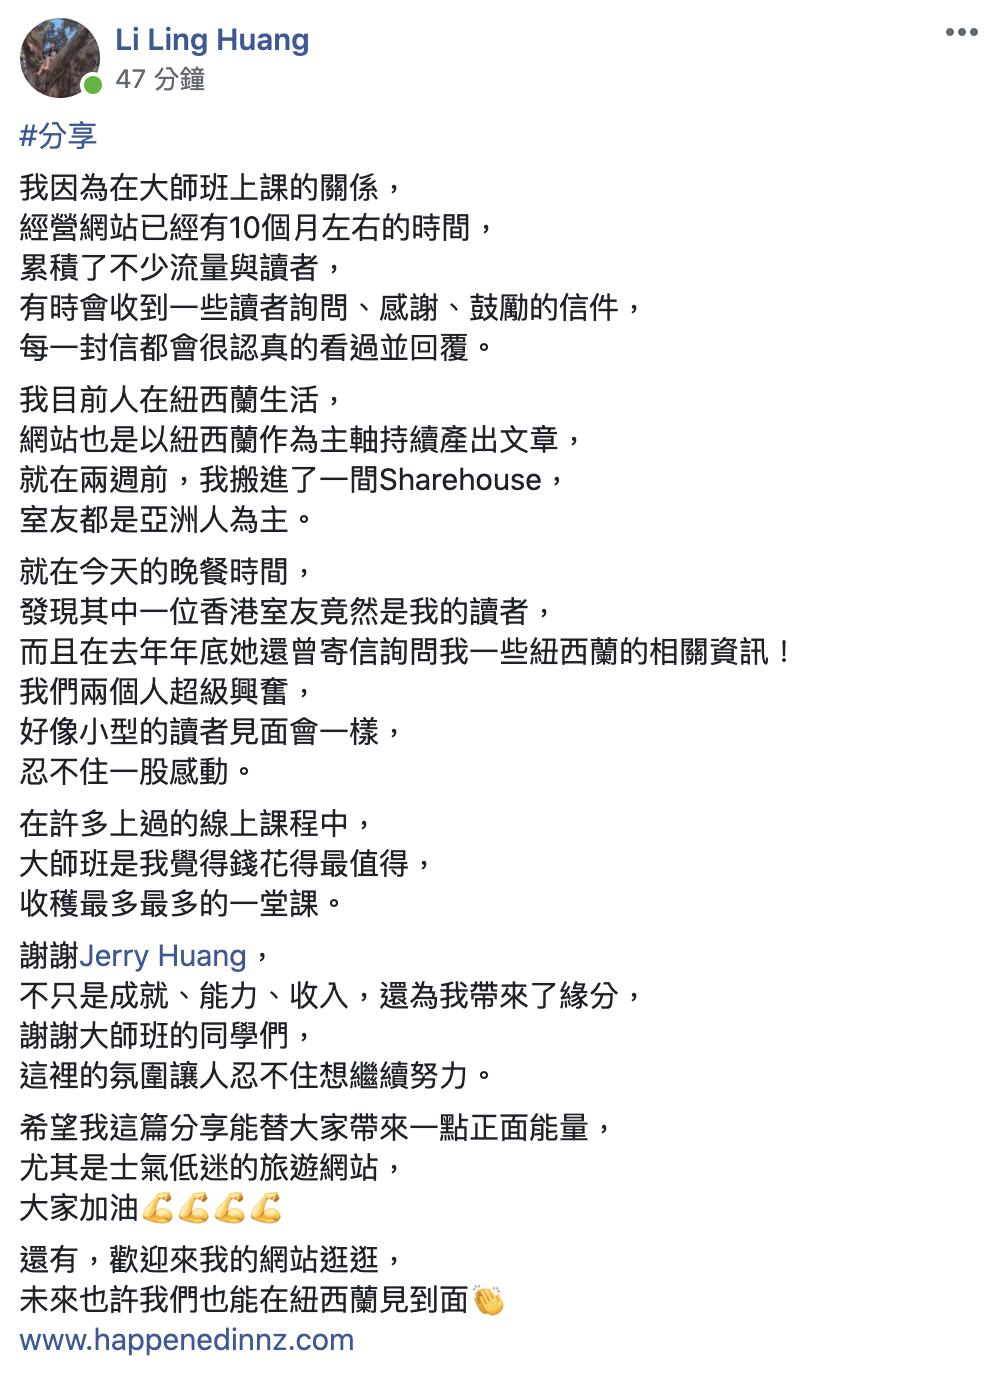 Jie Tu 2020 06 06 Xia Wu9.43.33 at omgloh.com